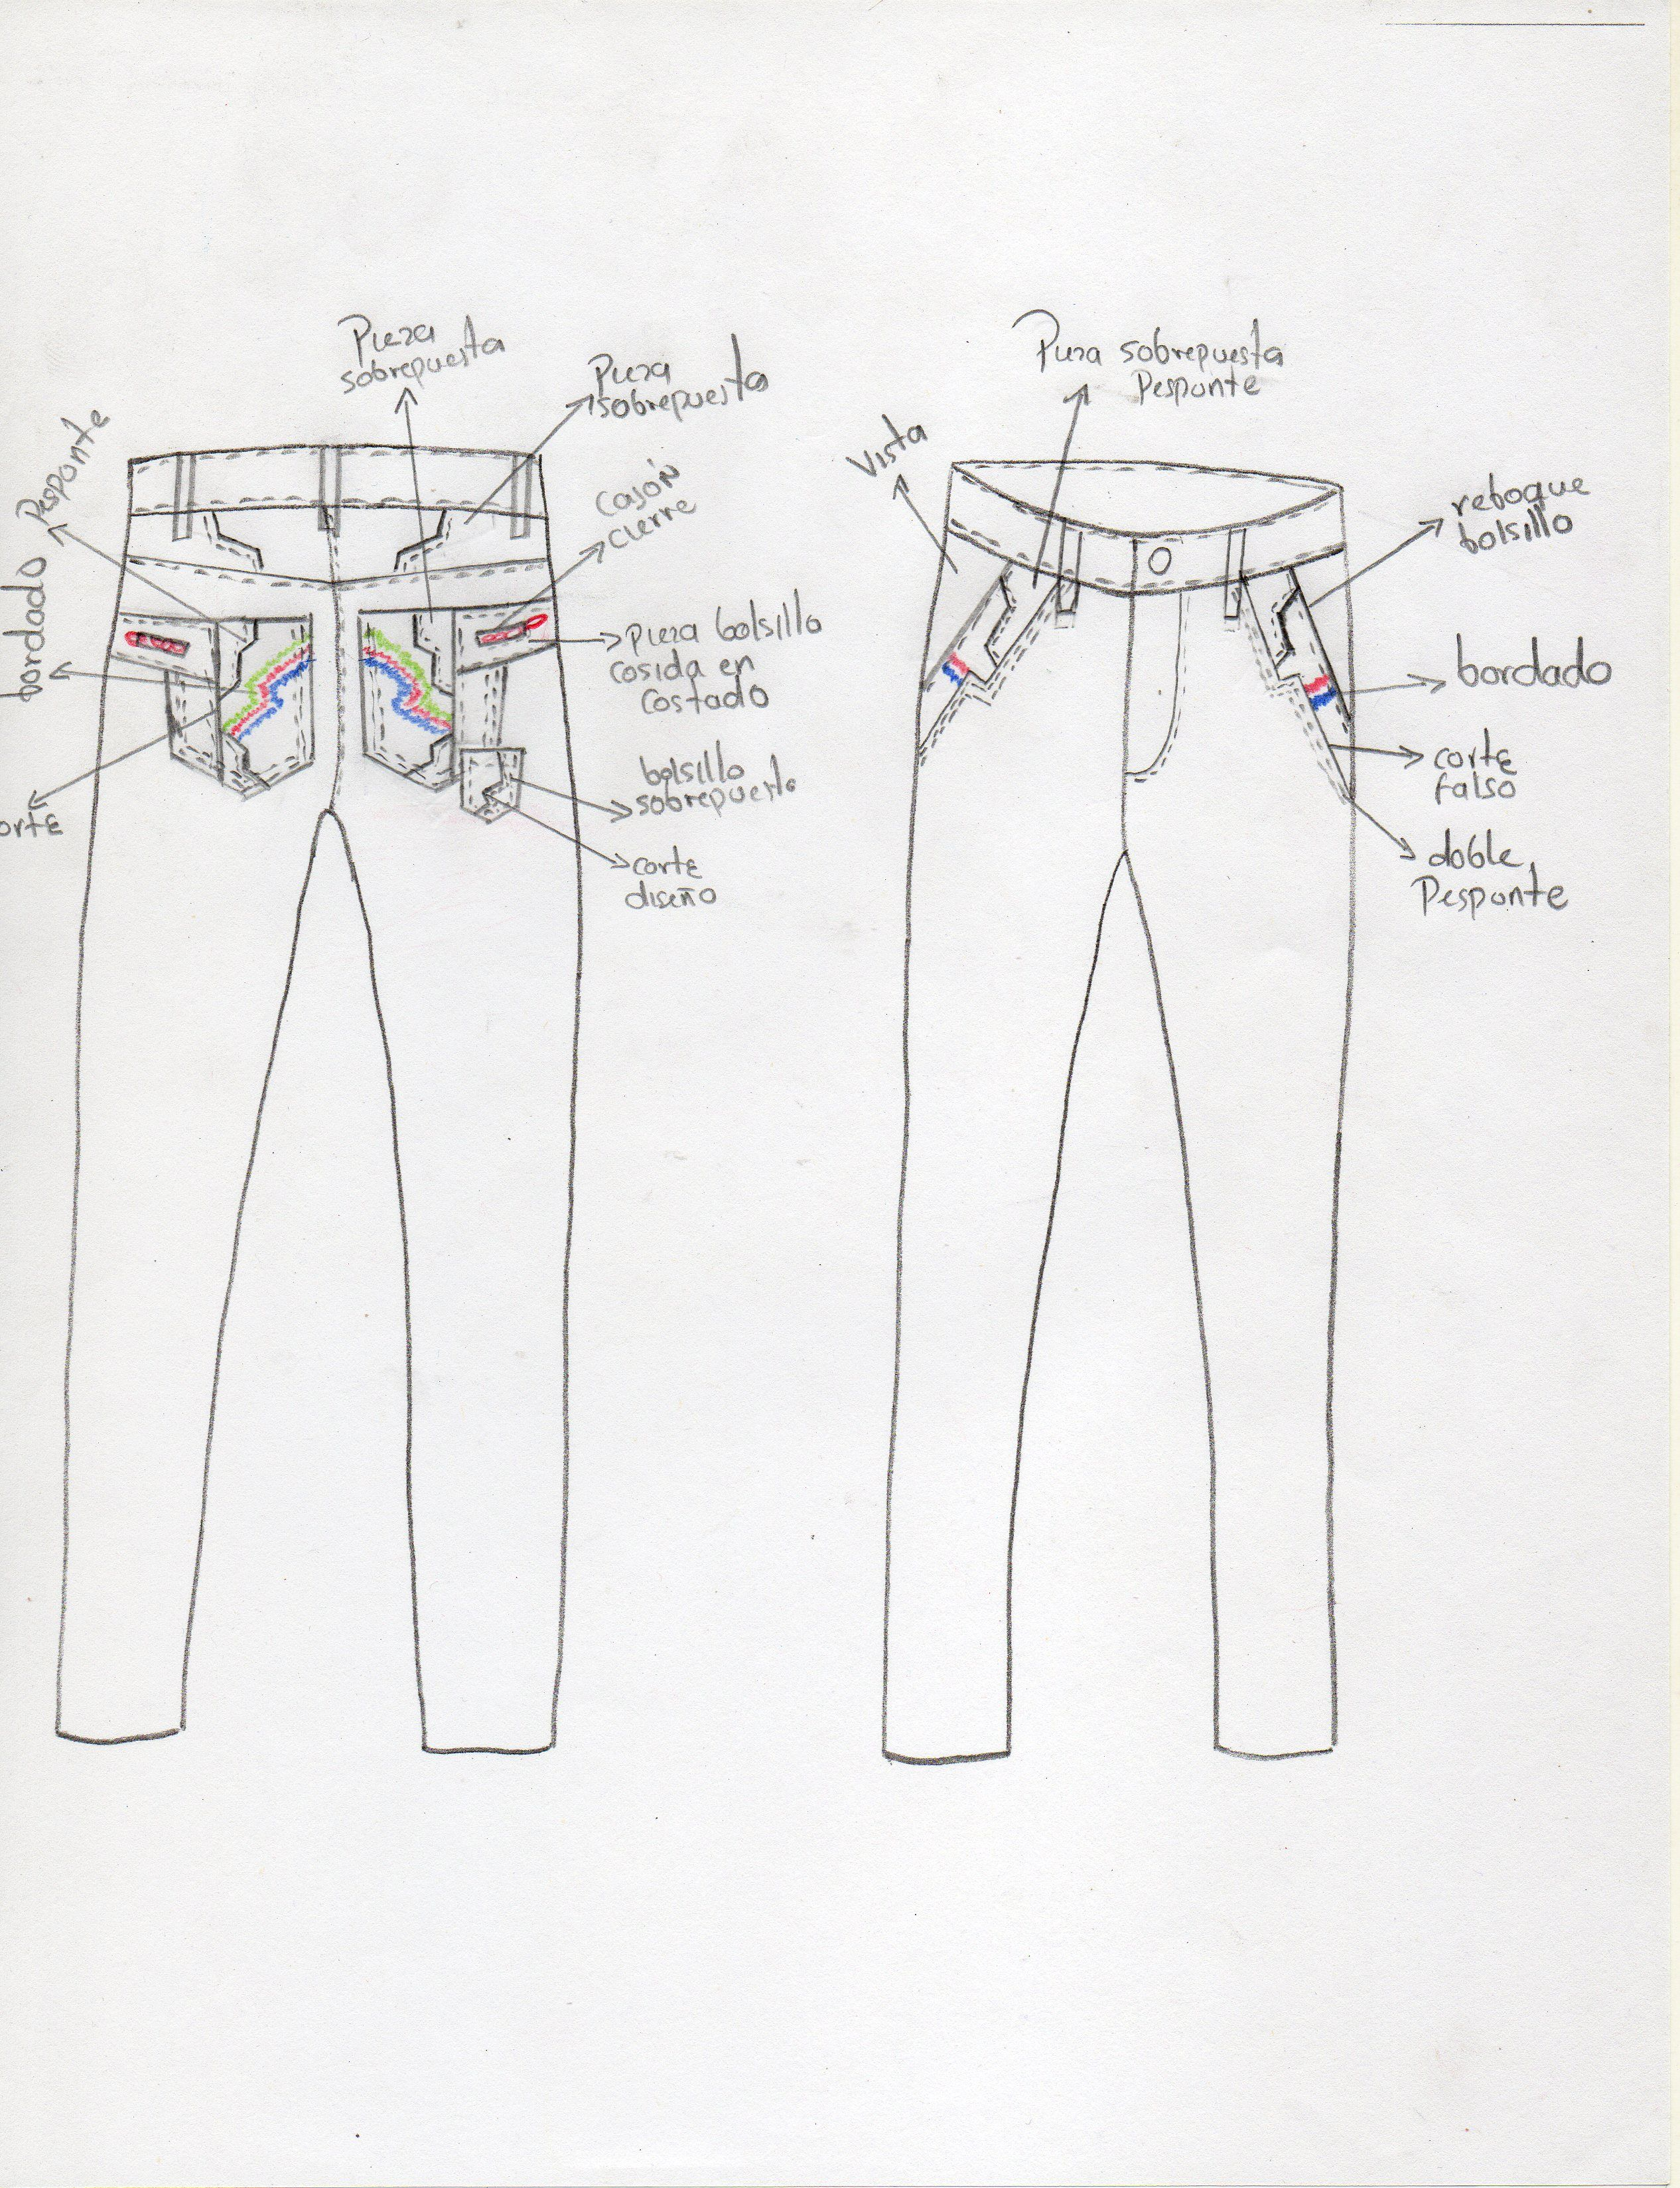 Dise o de pantalon jeans para hombre para crear el molde for Disenos de faldas